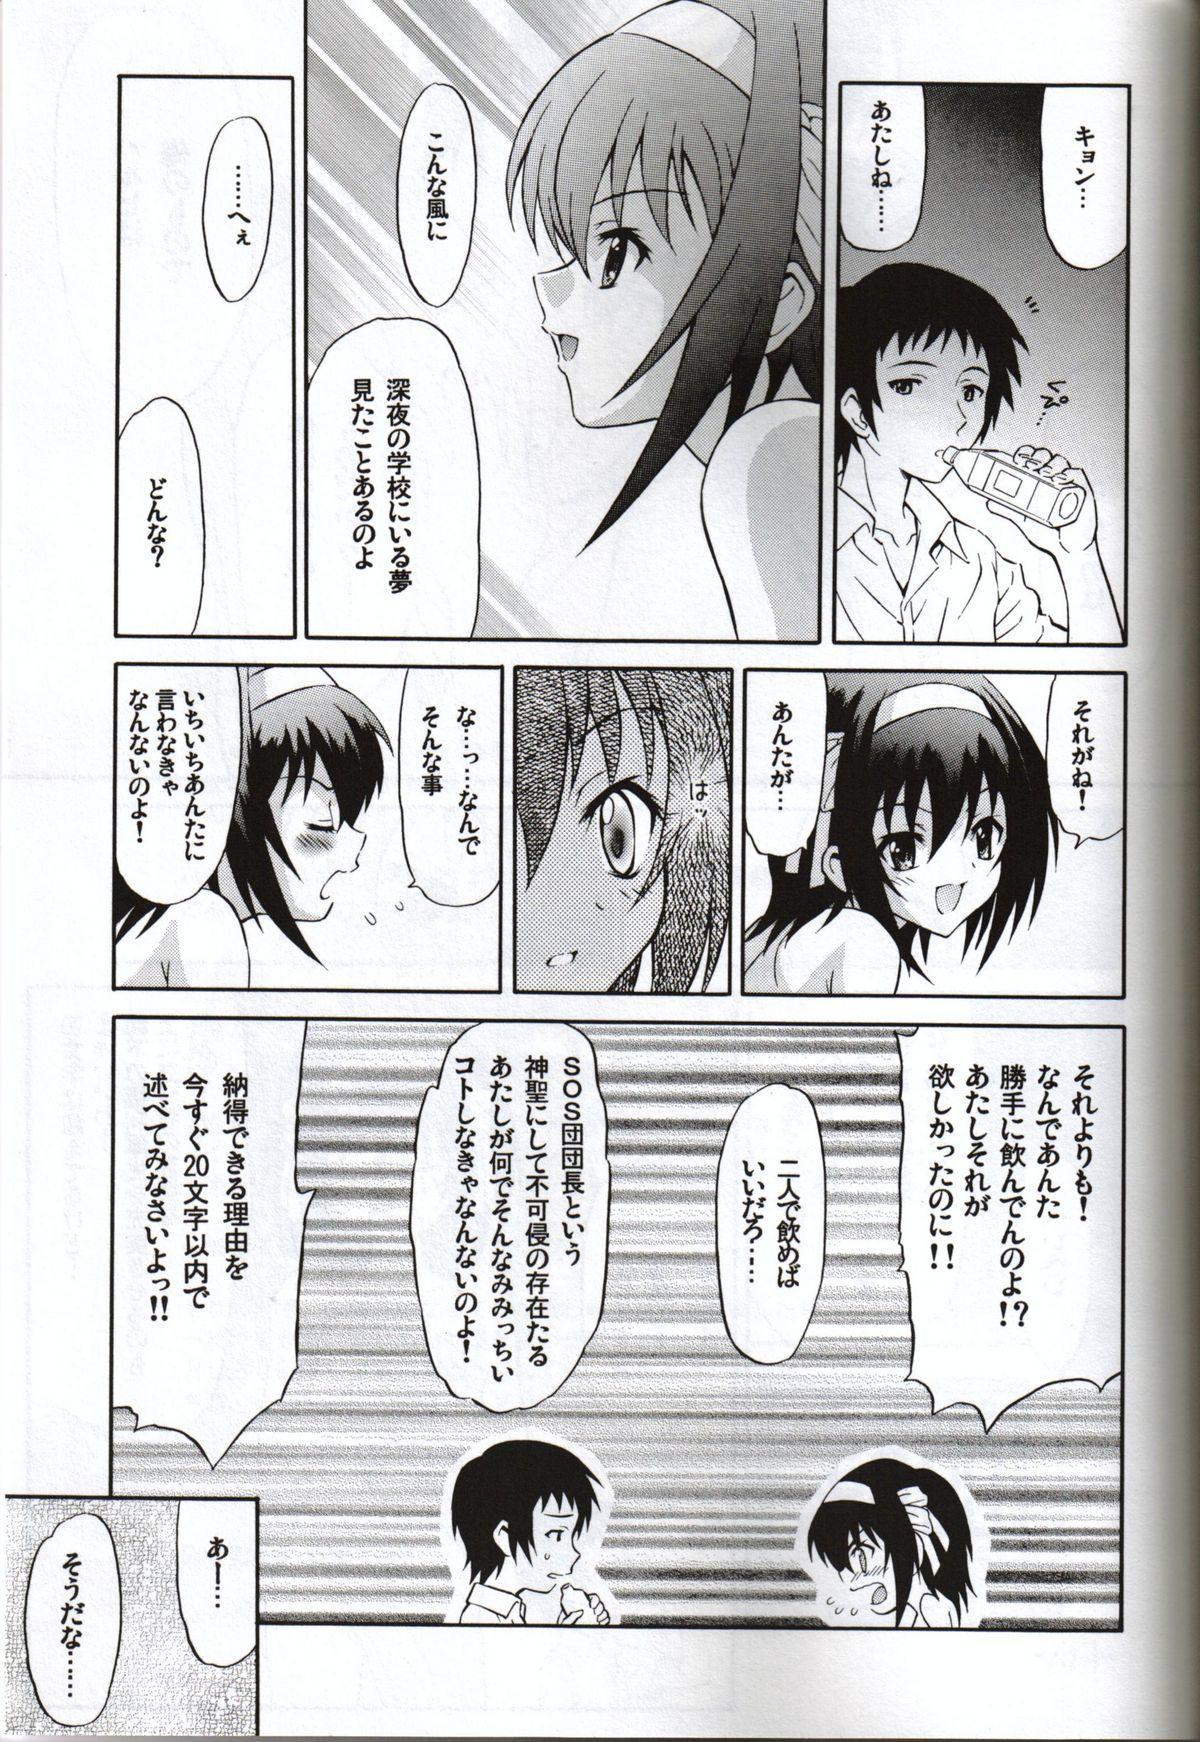 Suzumiya Haruhi no Hatsunetsu 17